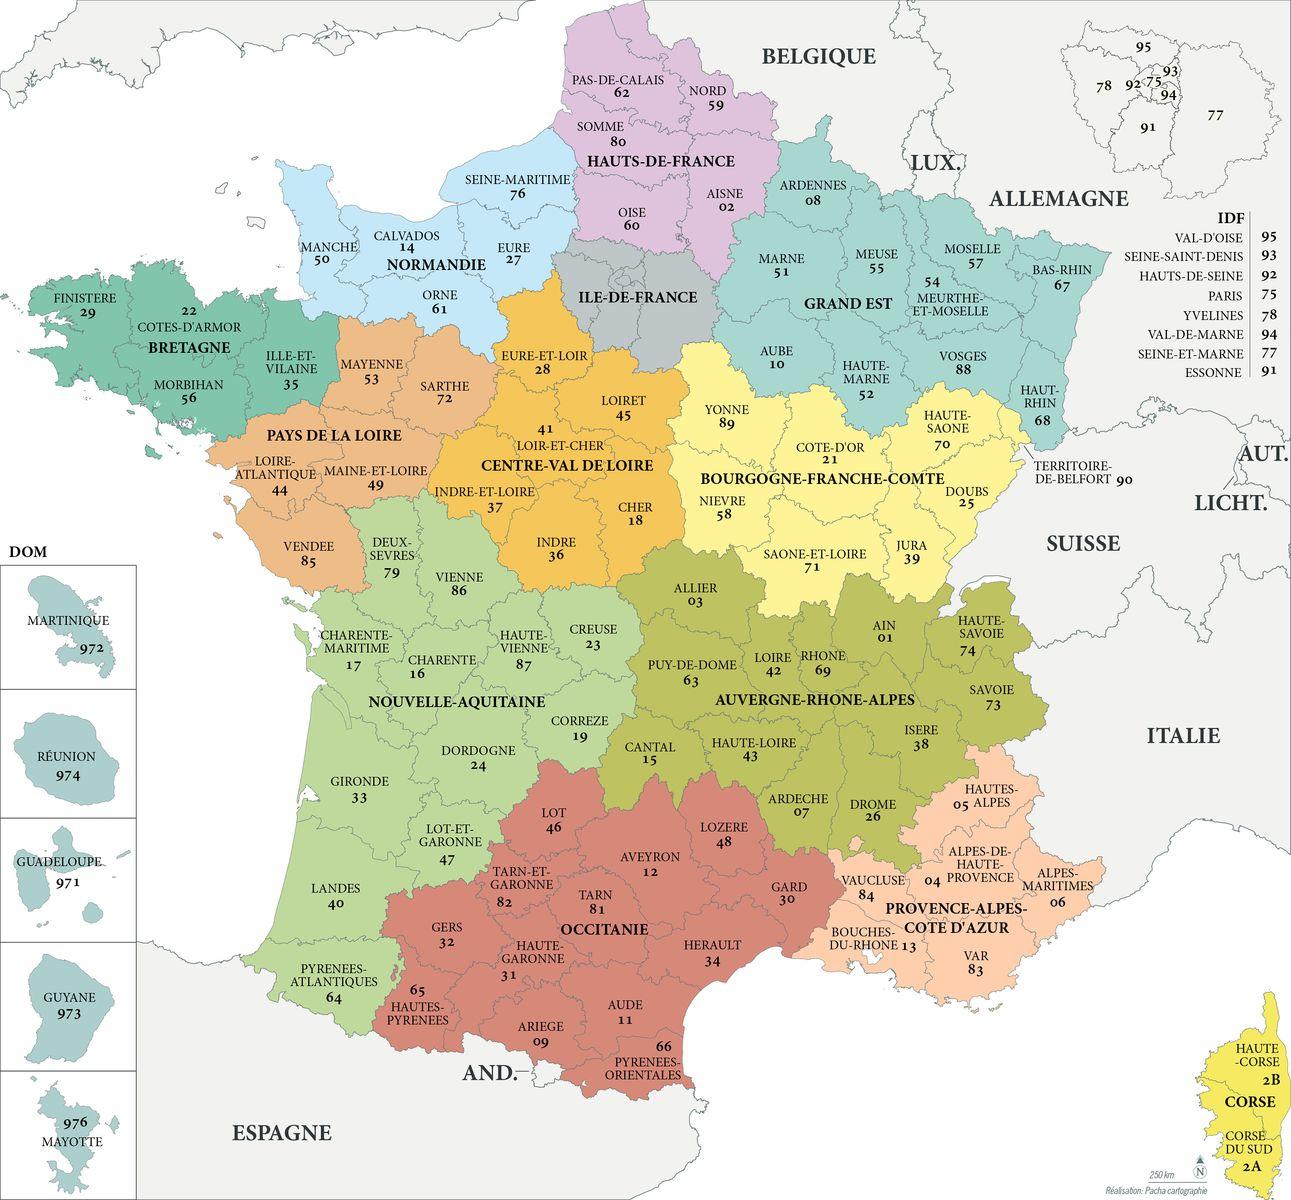 Fonds De Carte France - Les Limites Administratives - Pacha dedans Carte De La France Avec Toutes Les Villes